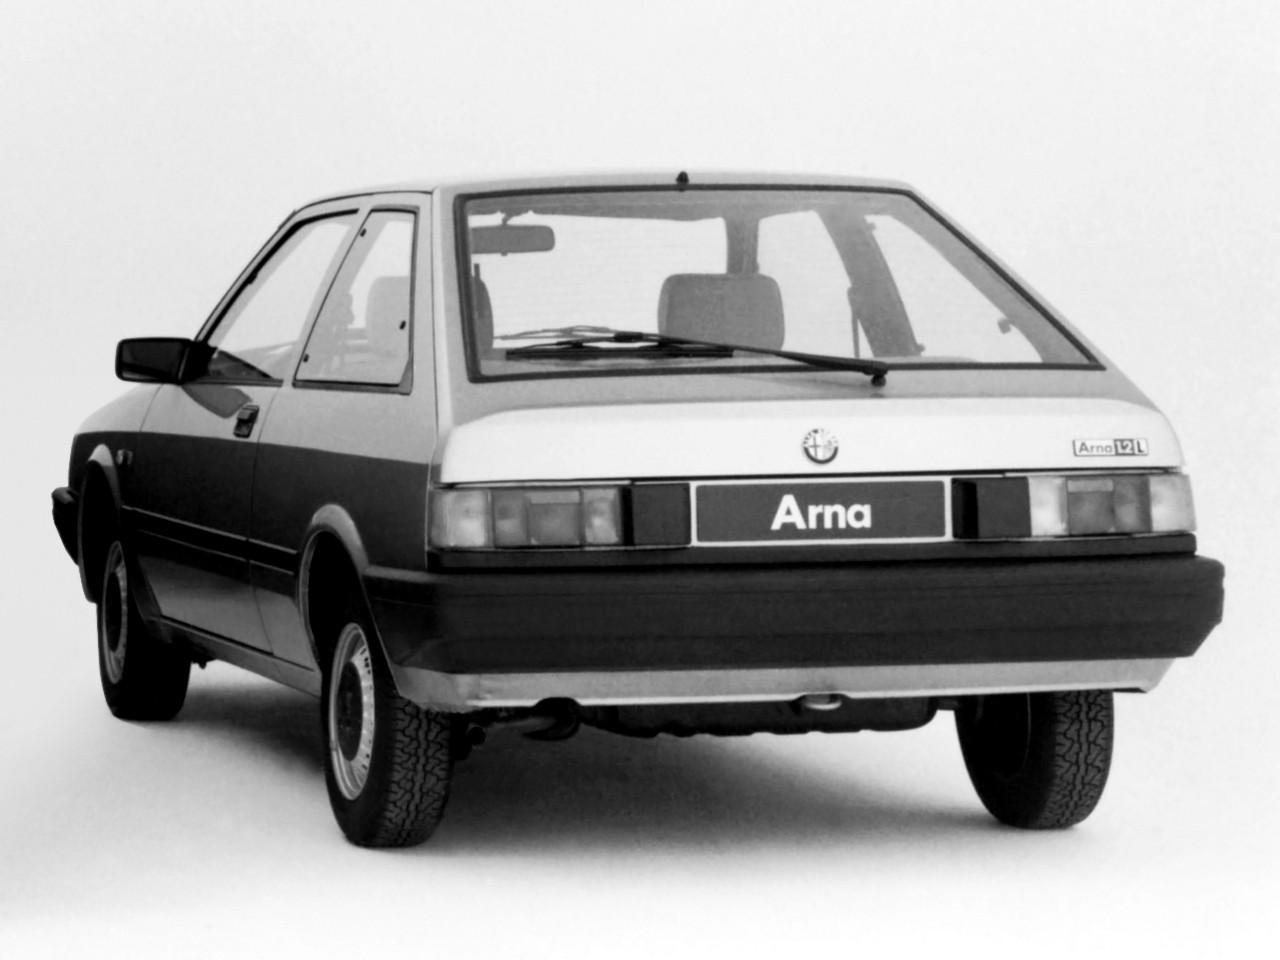 Alfa Romeo Arna 1983 - 1987 Hatchback 5 door #3